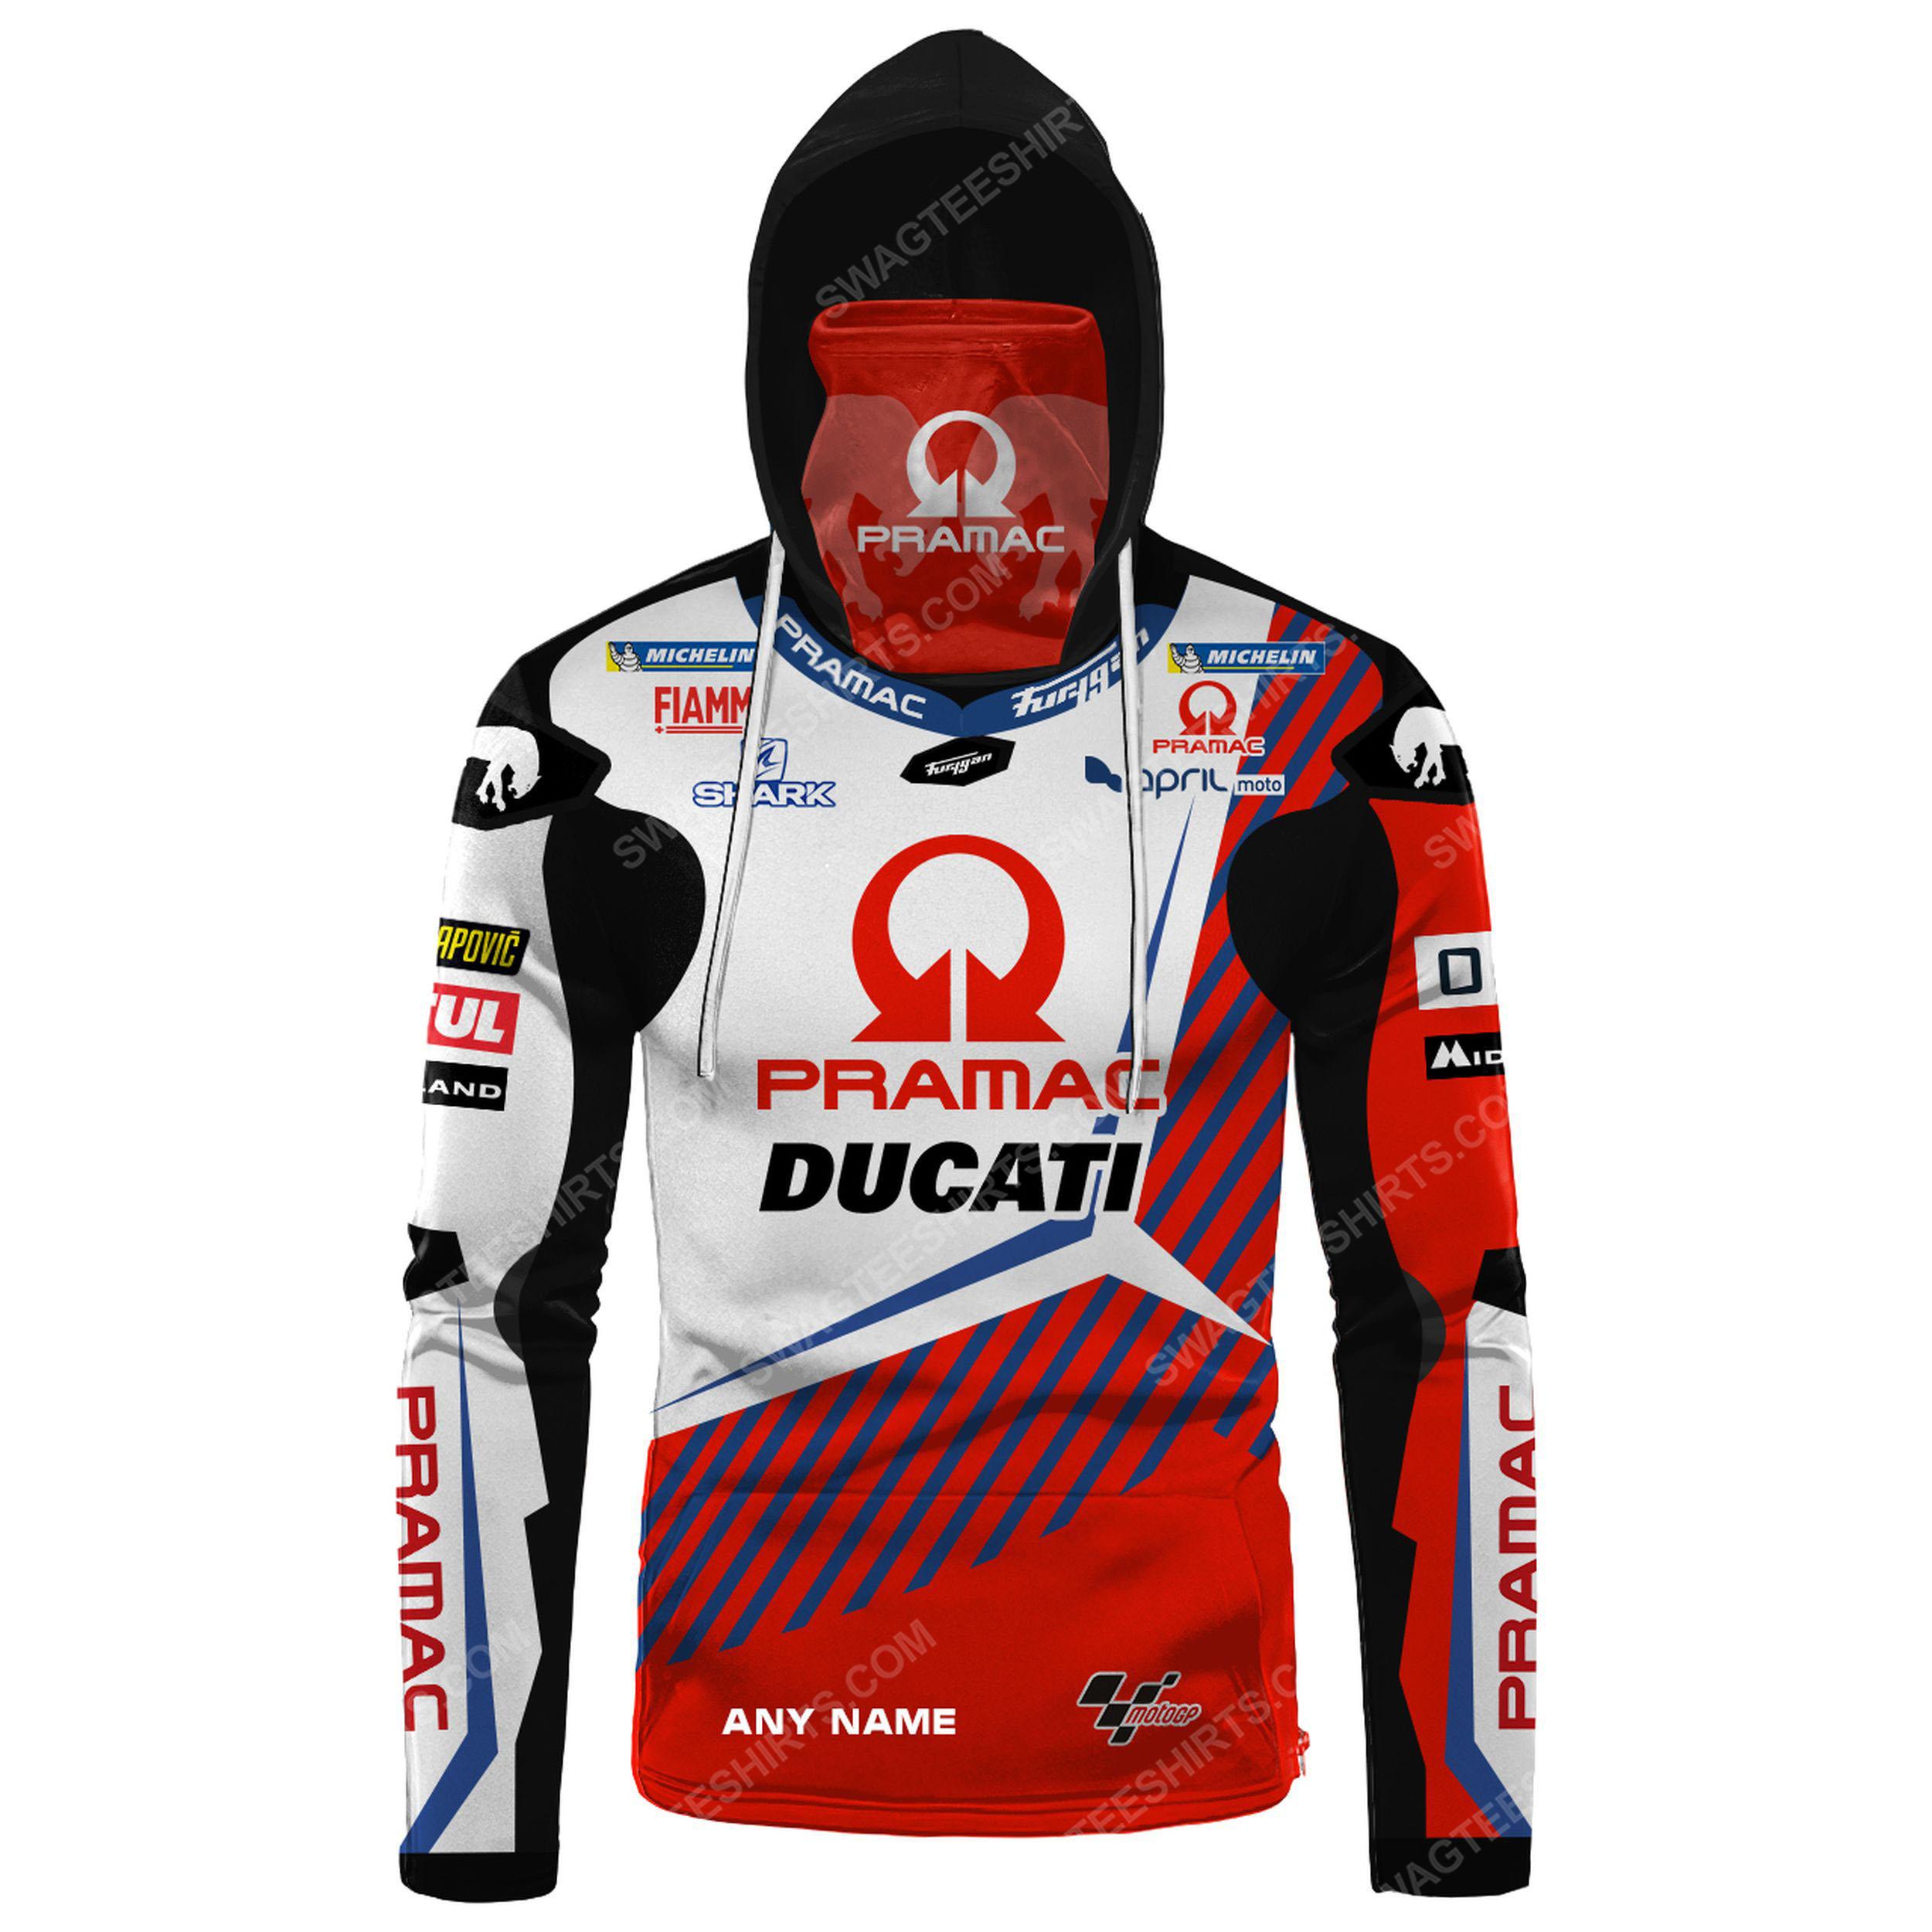 Custom name pramac racing ducati full print mask hoodie 2(1)